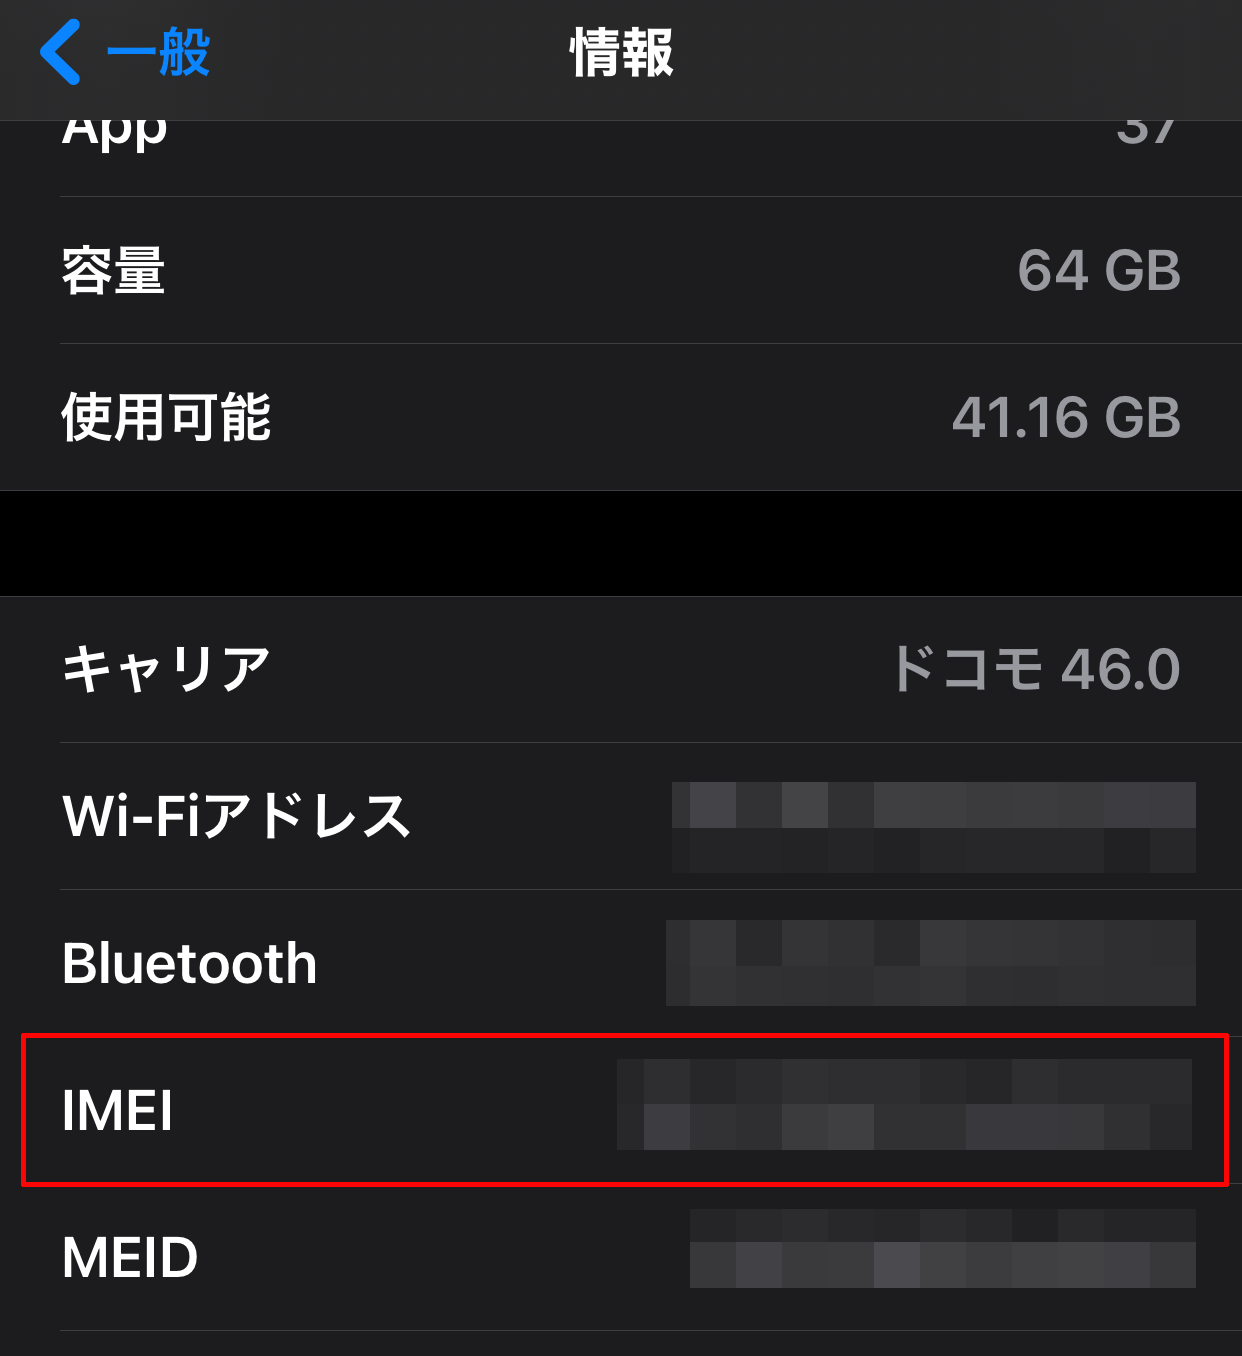 ①お手持ちのiPhoneの IMEI(製造番号)を確認してメモを取っておく